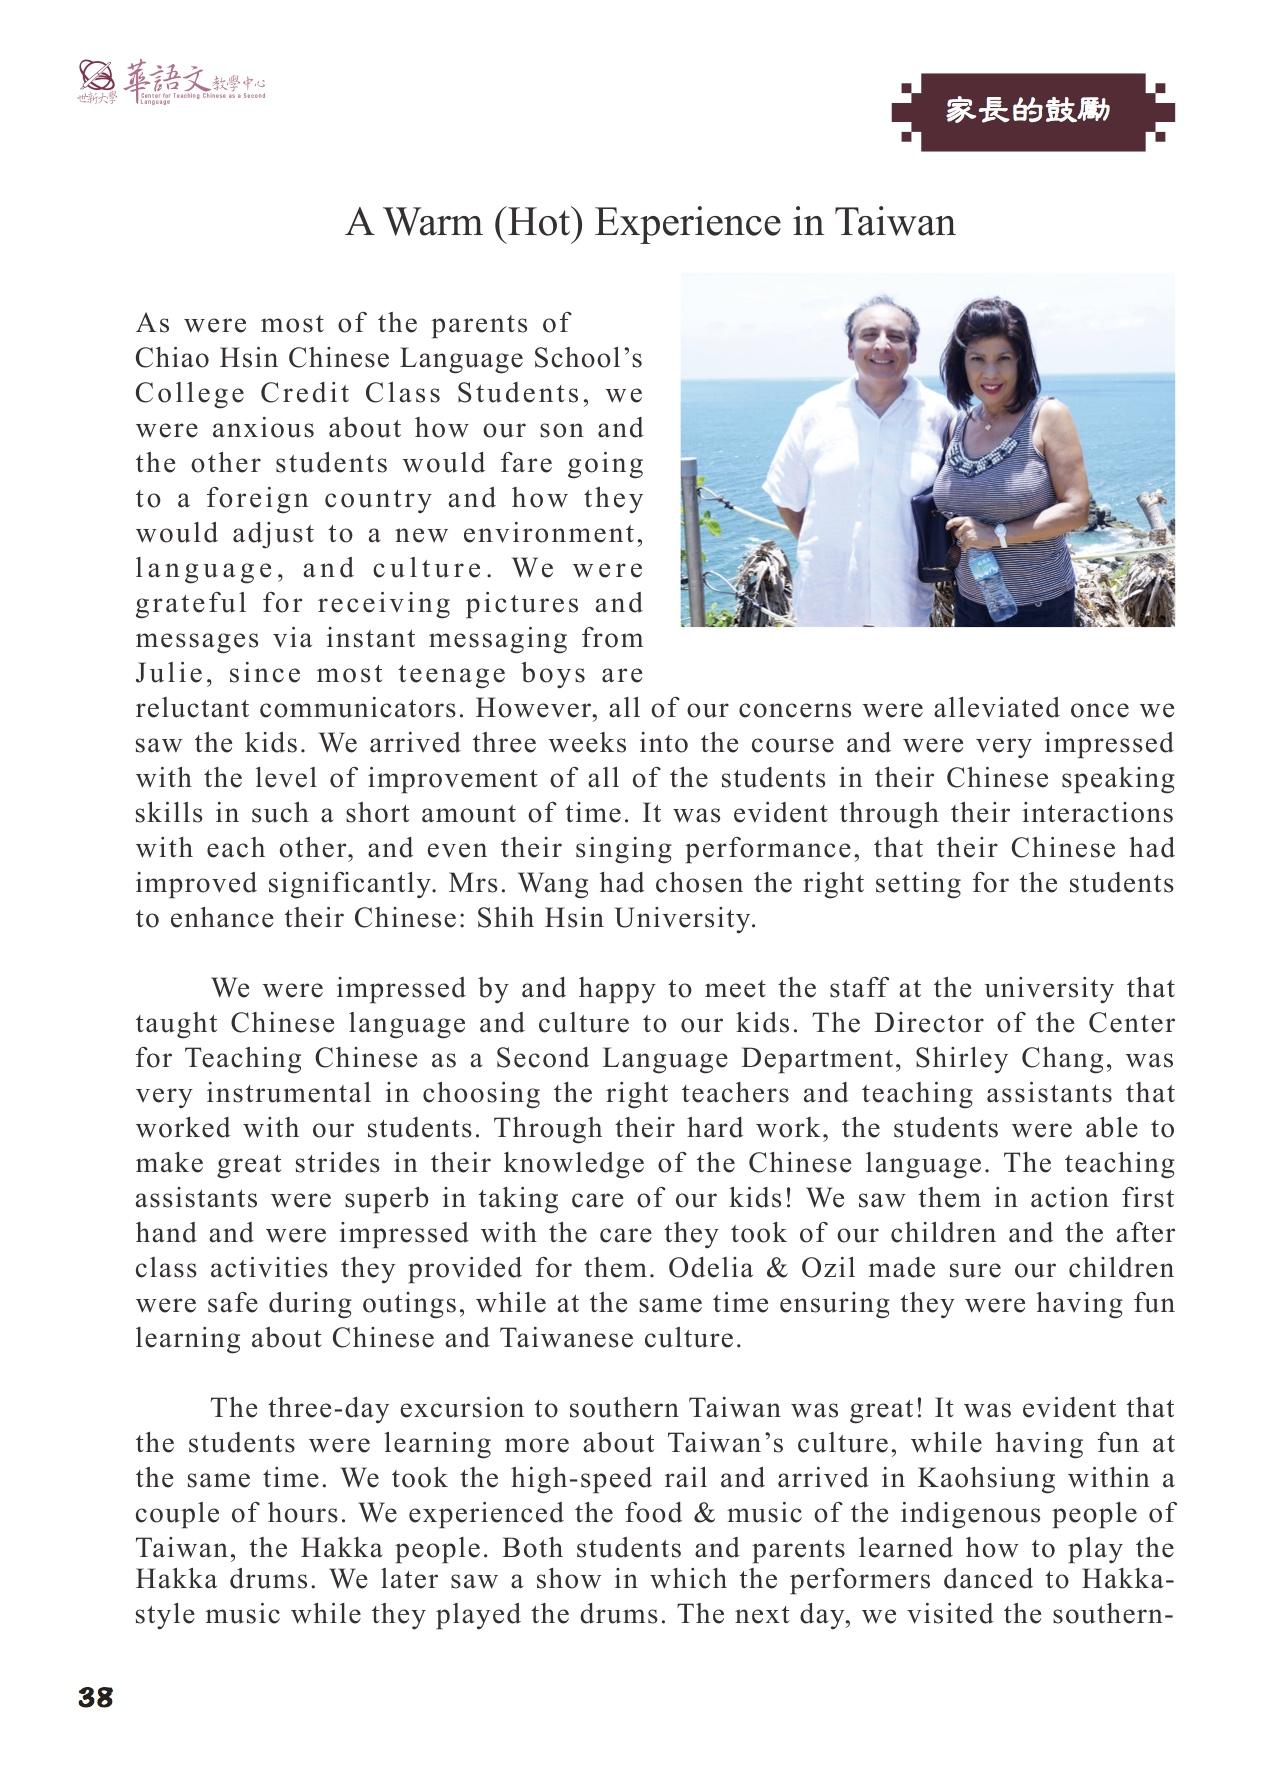 紀念冊內頁_家長1